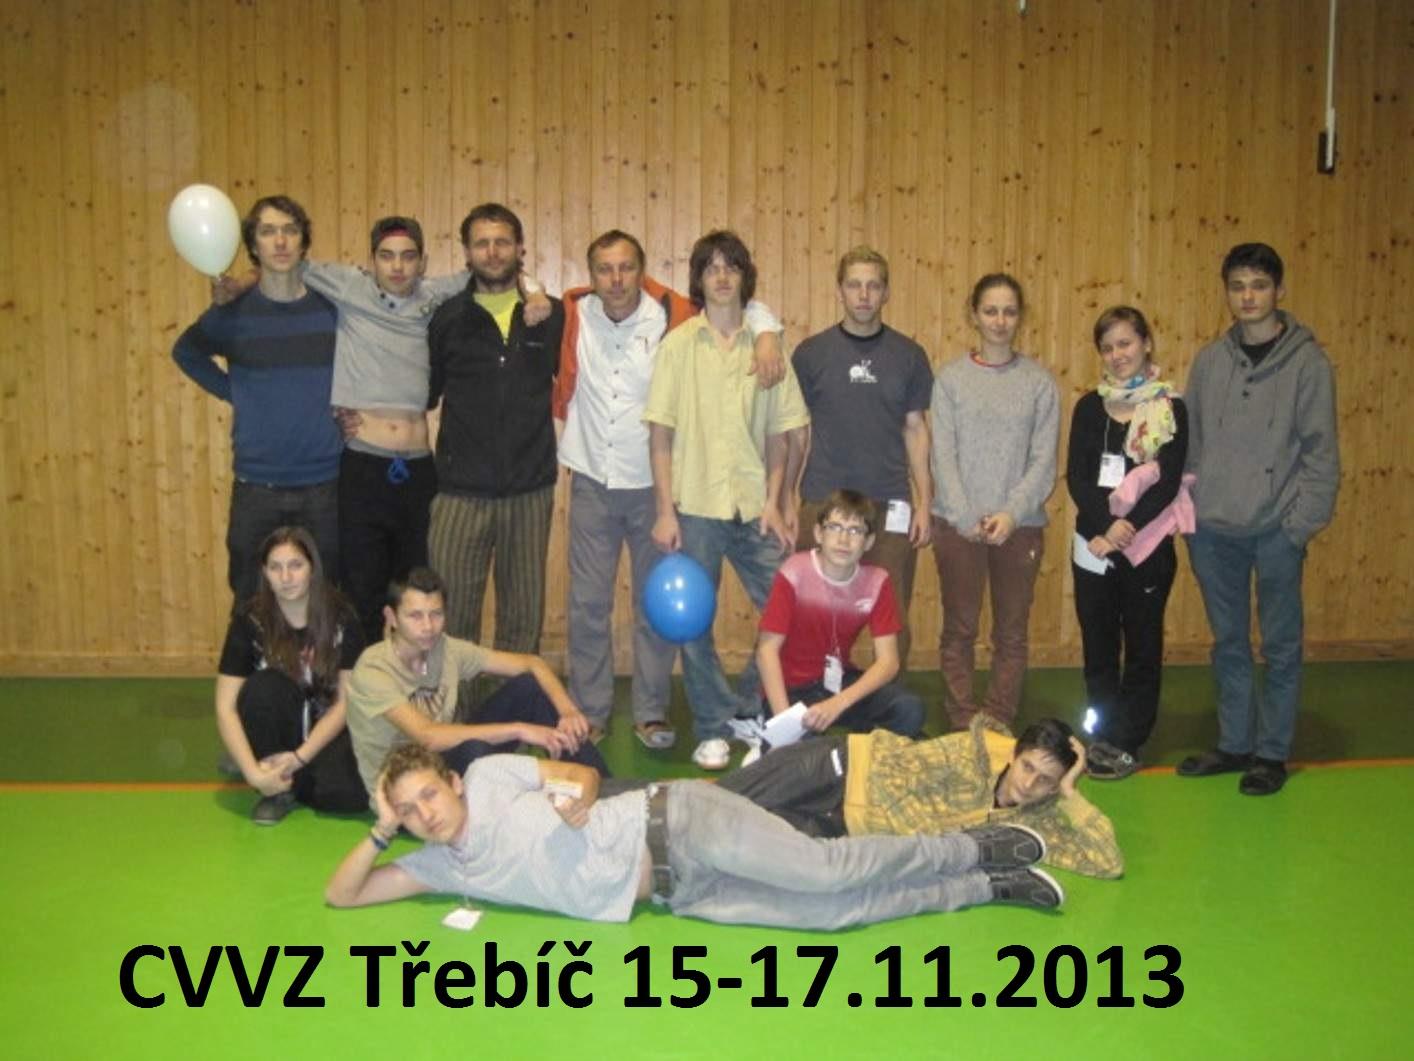 CVVZ_11.2013